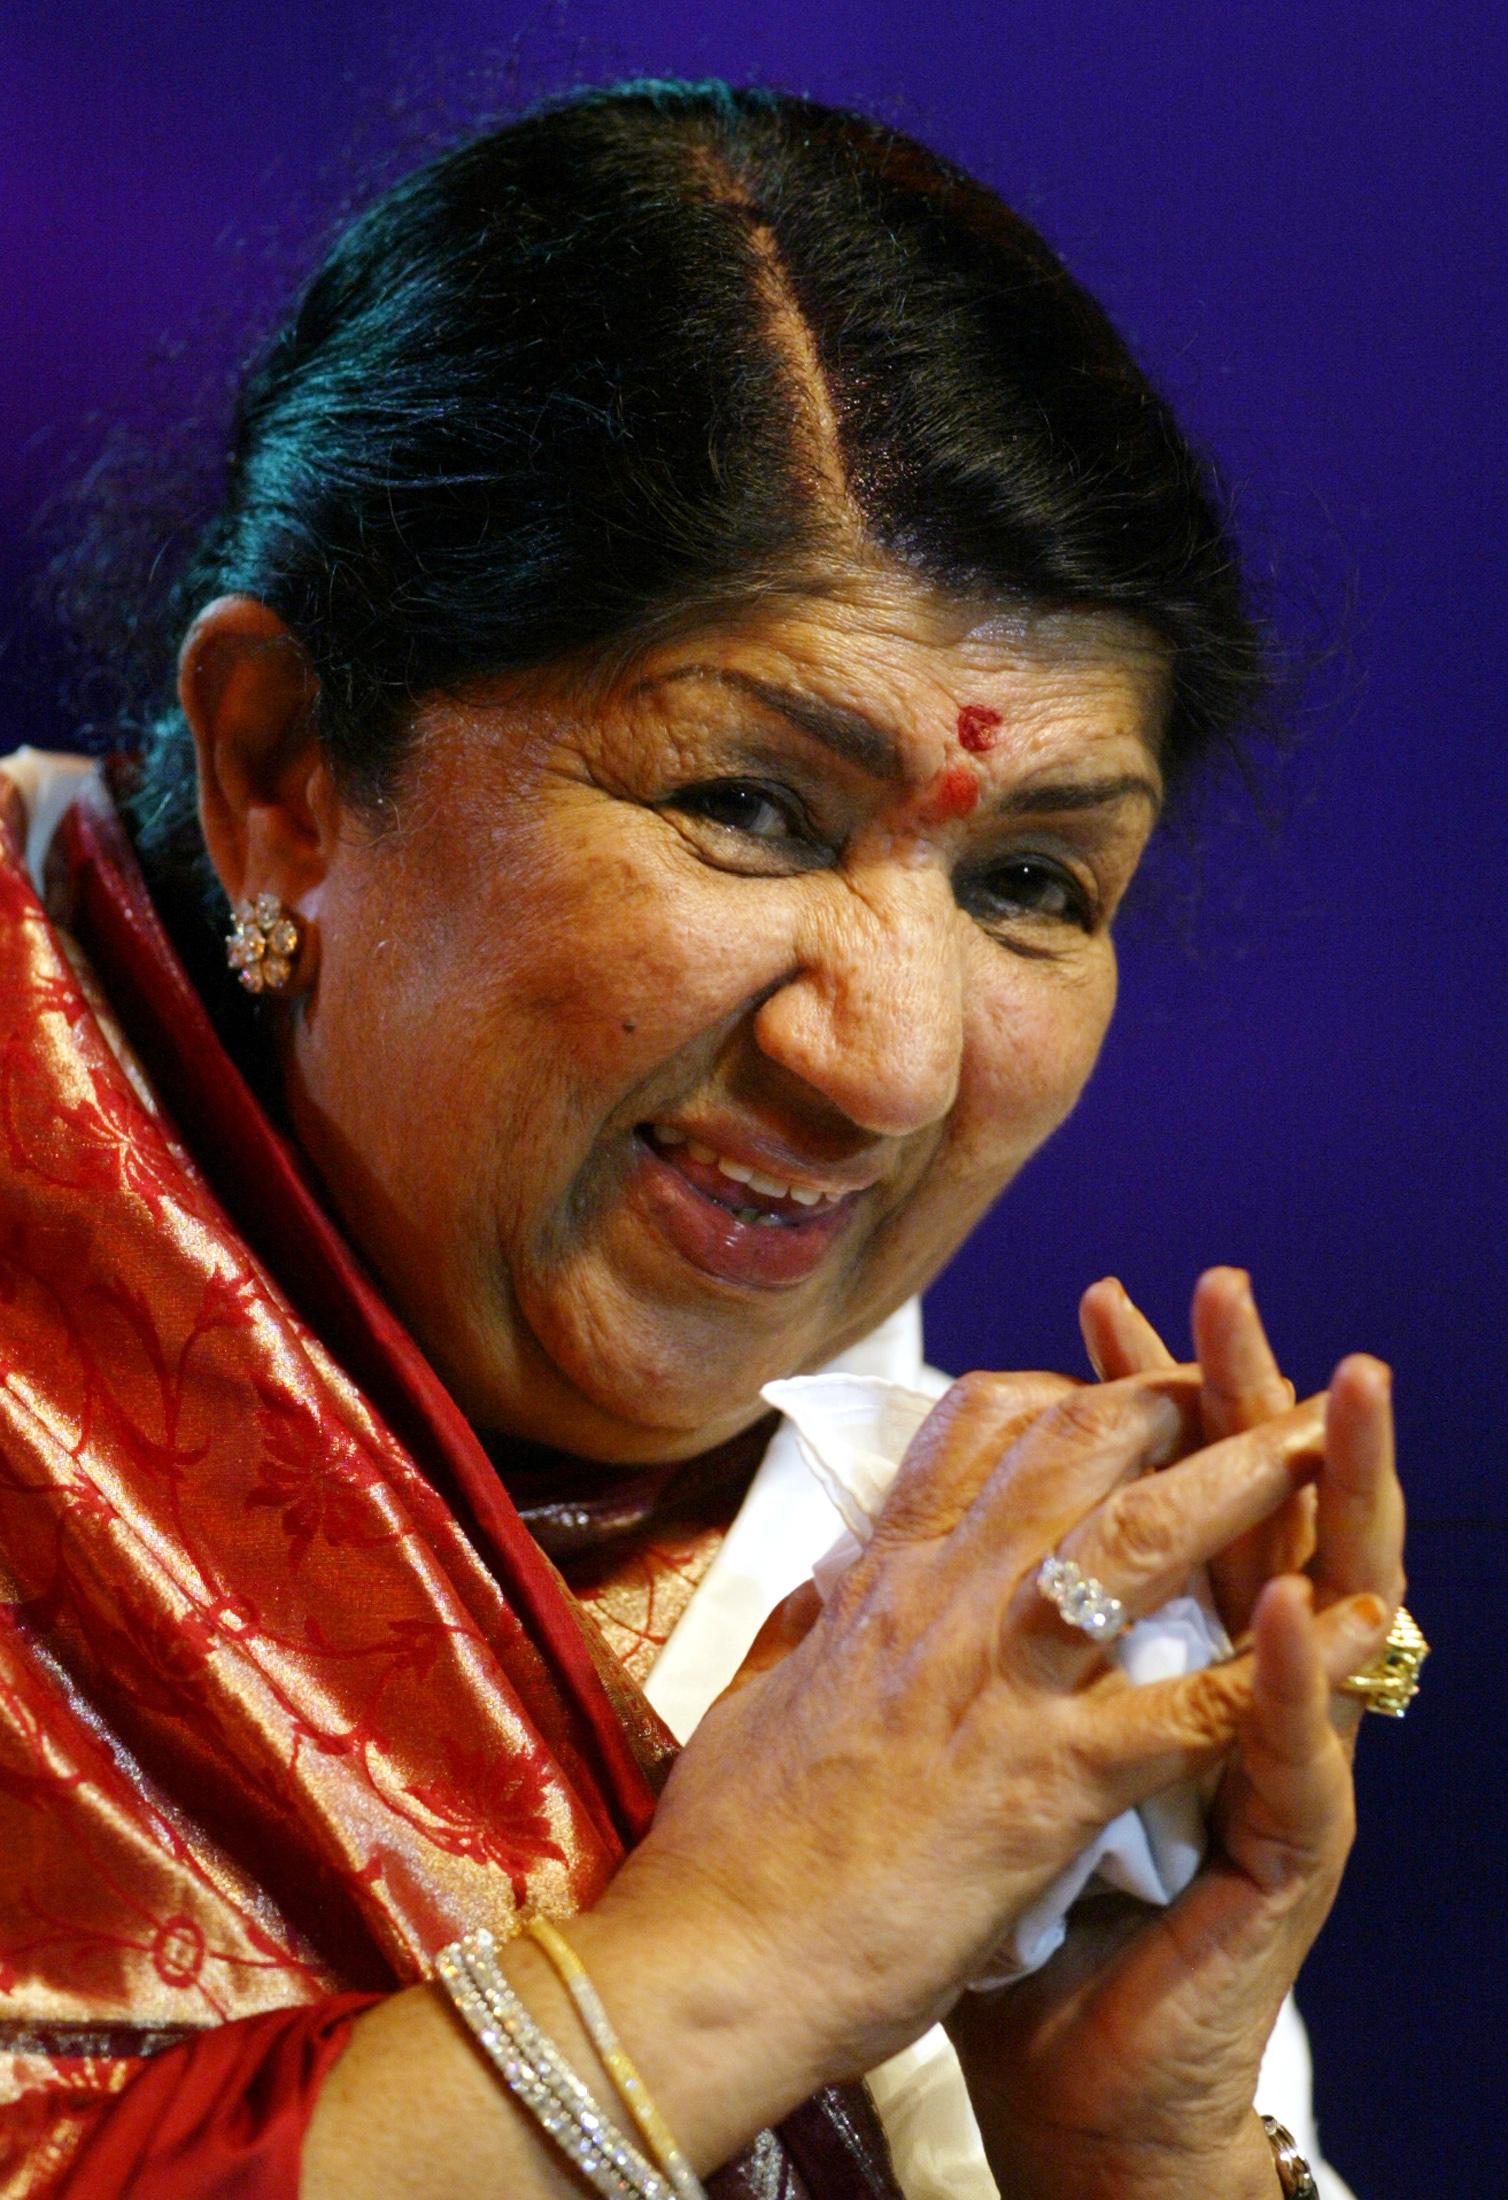 स्वरसम्राज्ञी लता मंगेशकर भारतातील सर्वाधिक प्रभावशाली महिलांच्या यादीत तिसऱ्या स्थानावर आहेत. त्यांचा स्कोअर 9.23% आहे